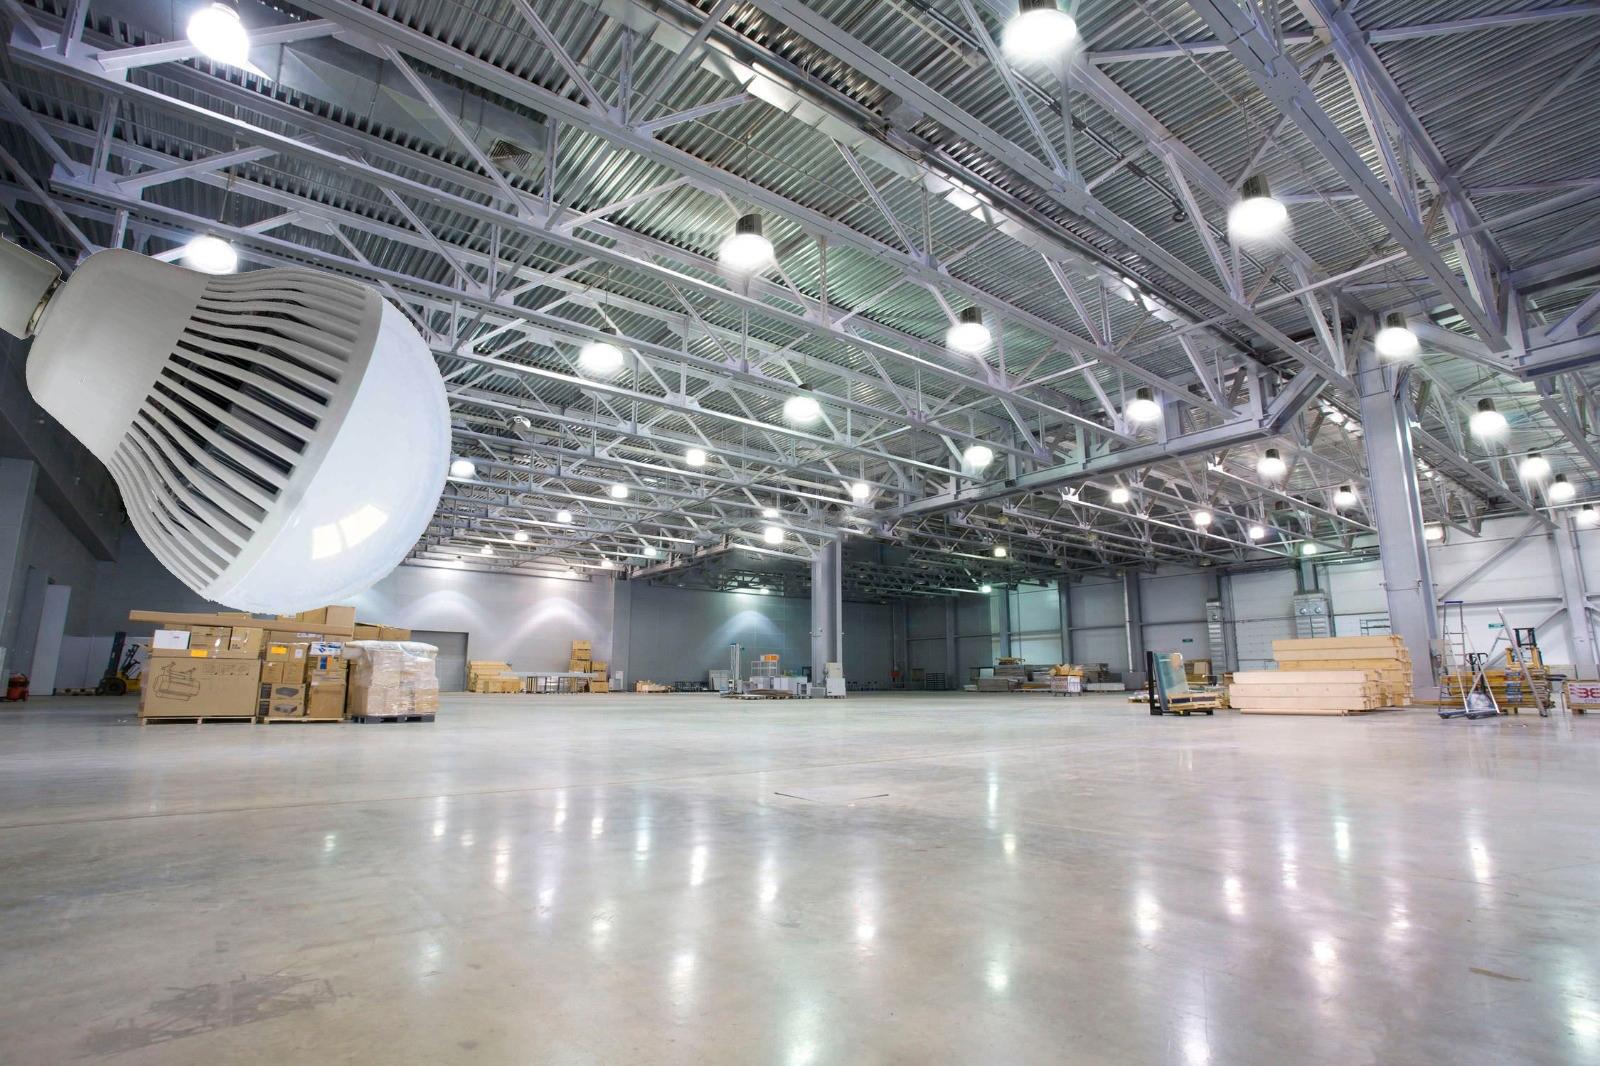 Illuminazione Industriale A Led Prezzi: Illuminazione industriale a led prezzi le soluzioni di ...